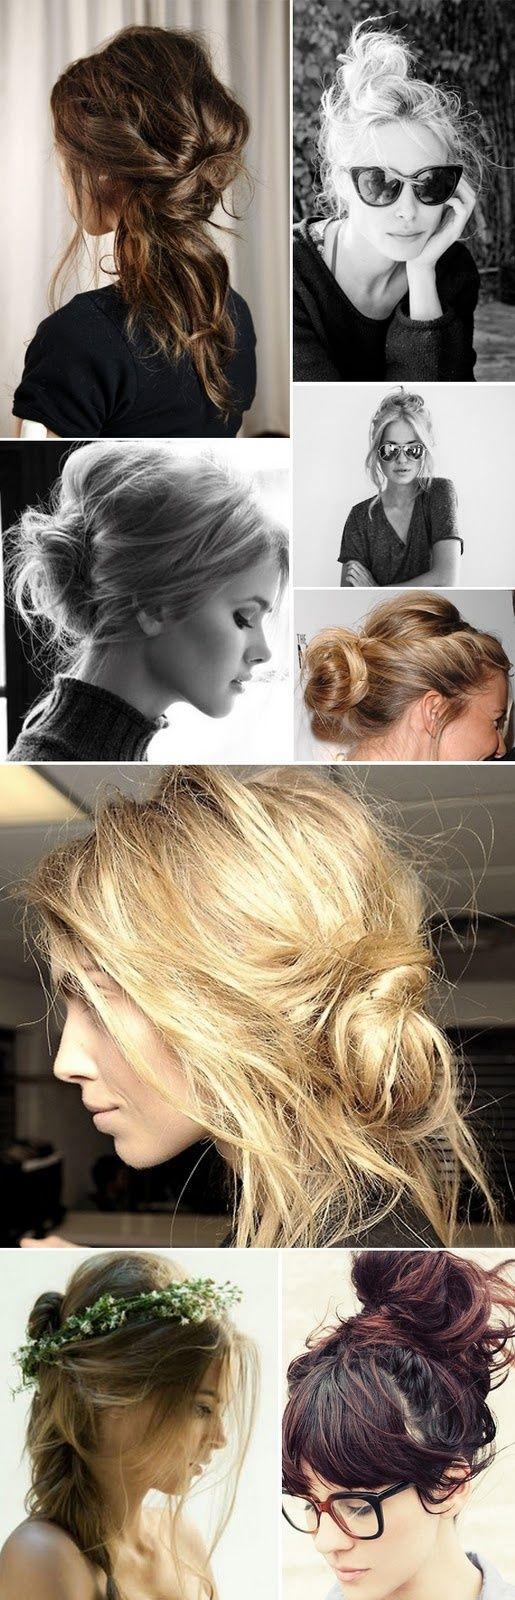 best hair ideas images on pinterest manus hairstyle menus hair